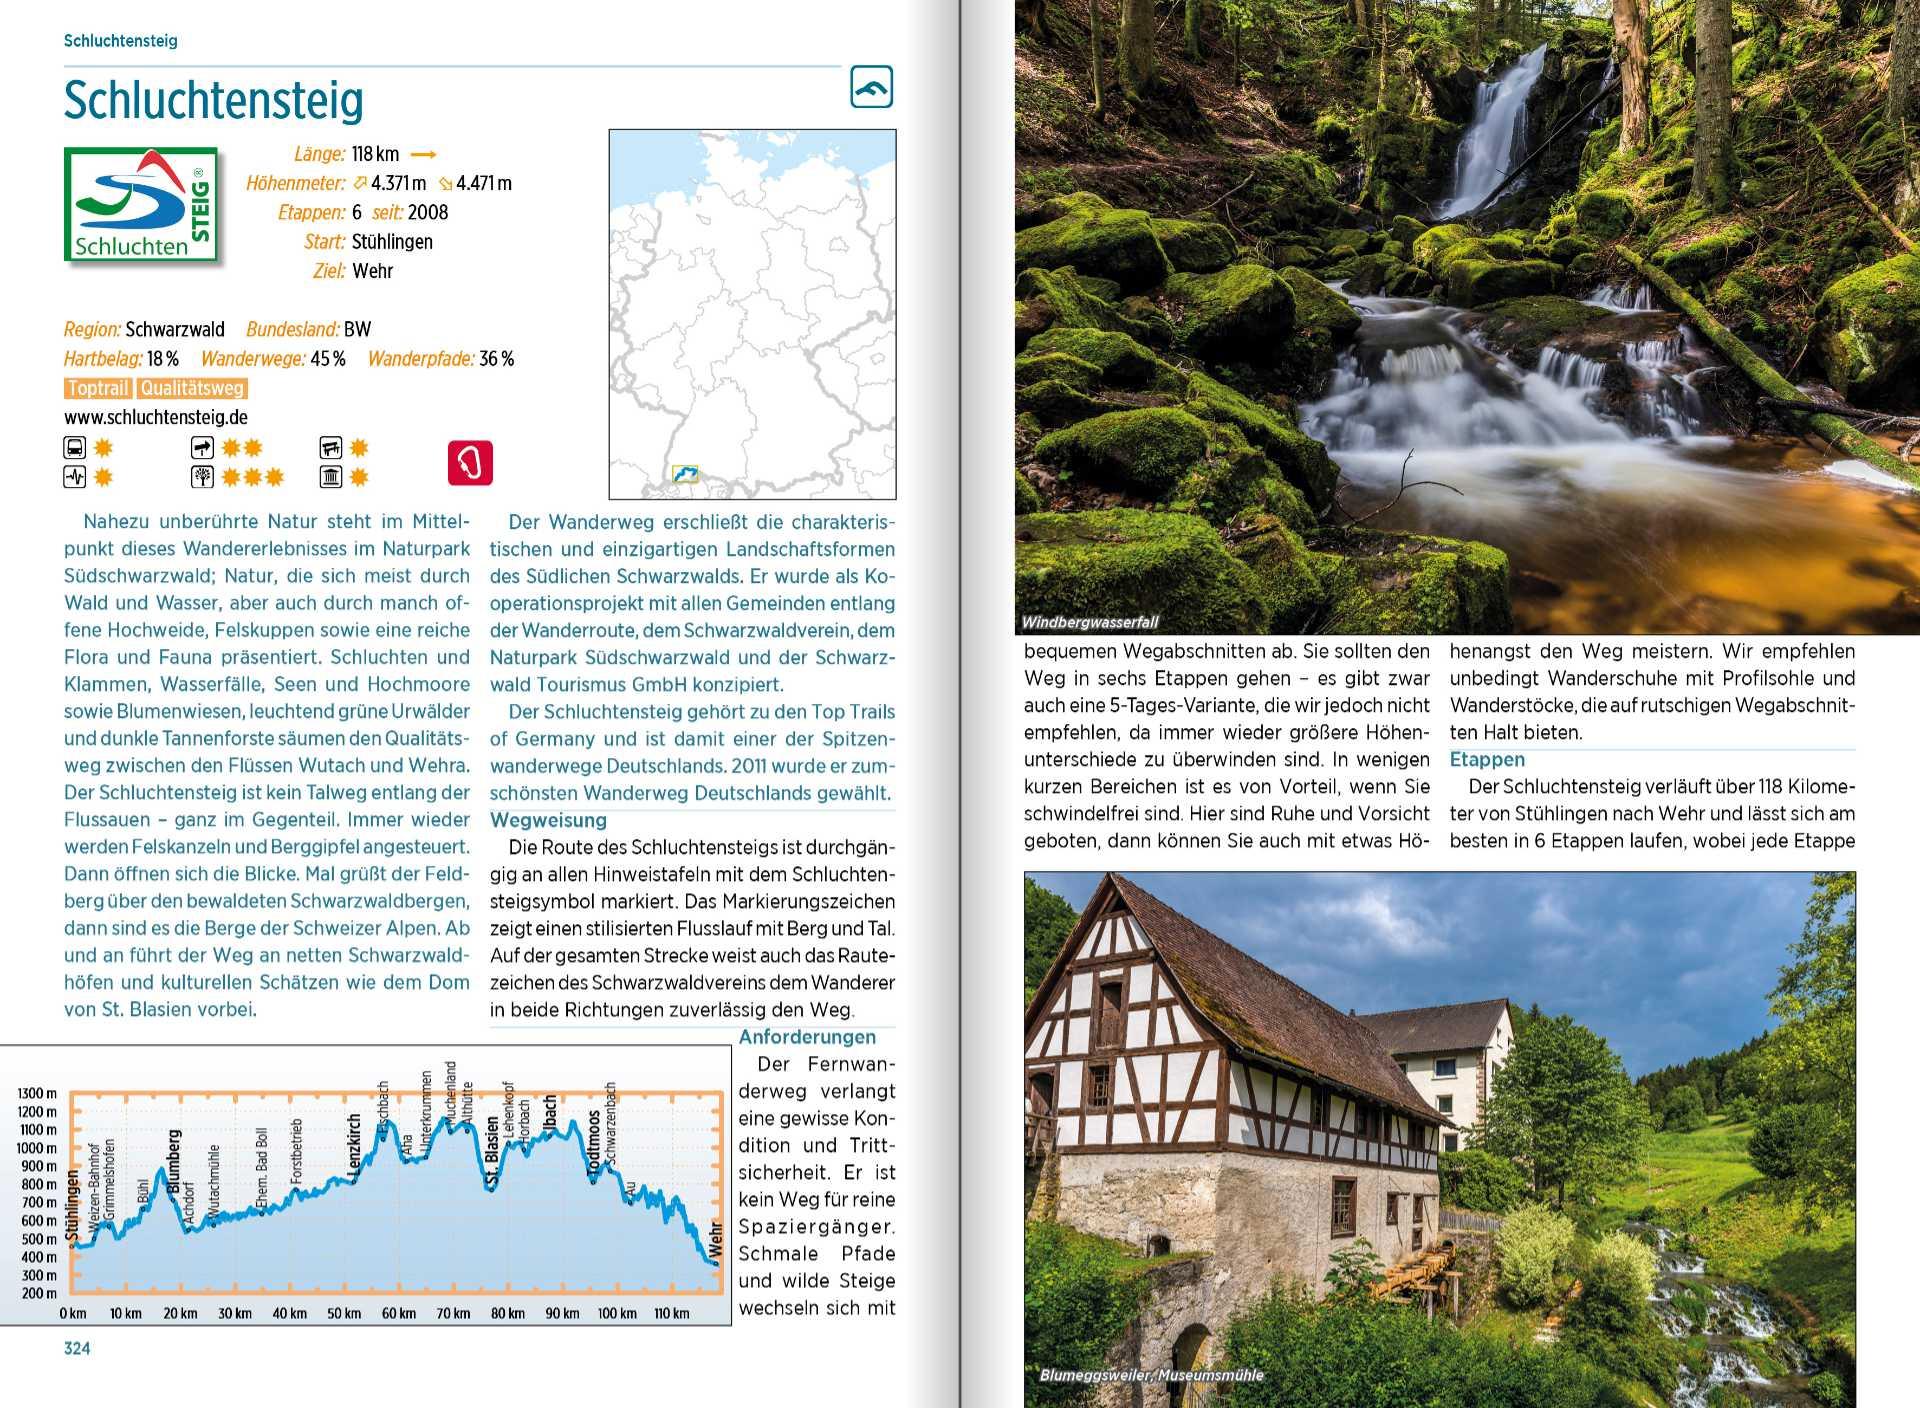 Hikeline Überblickswerk - Fernwanderwege Deutschland - Tour